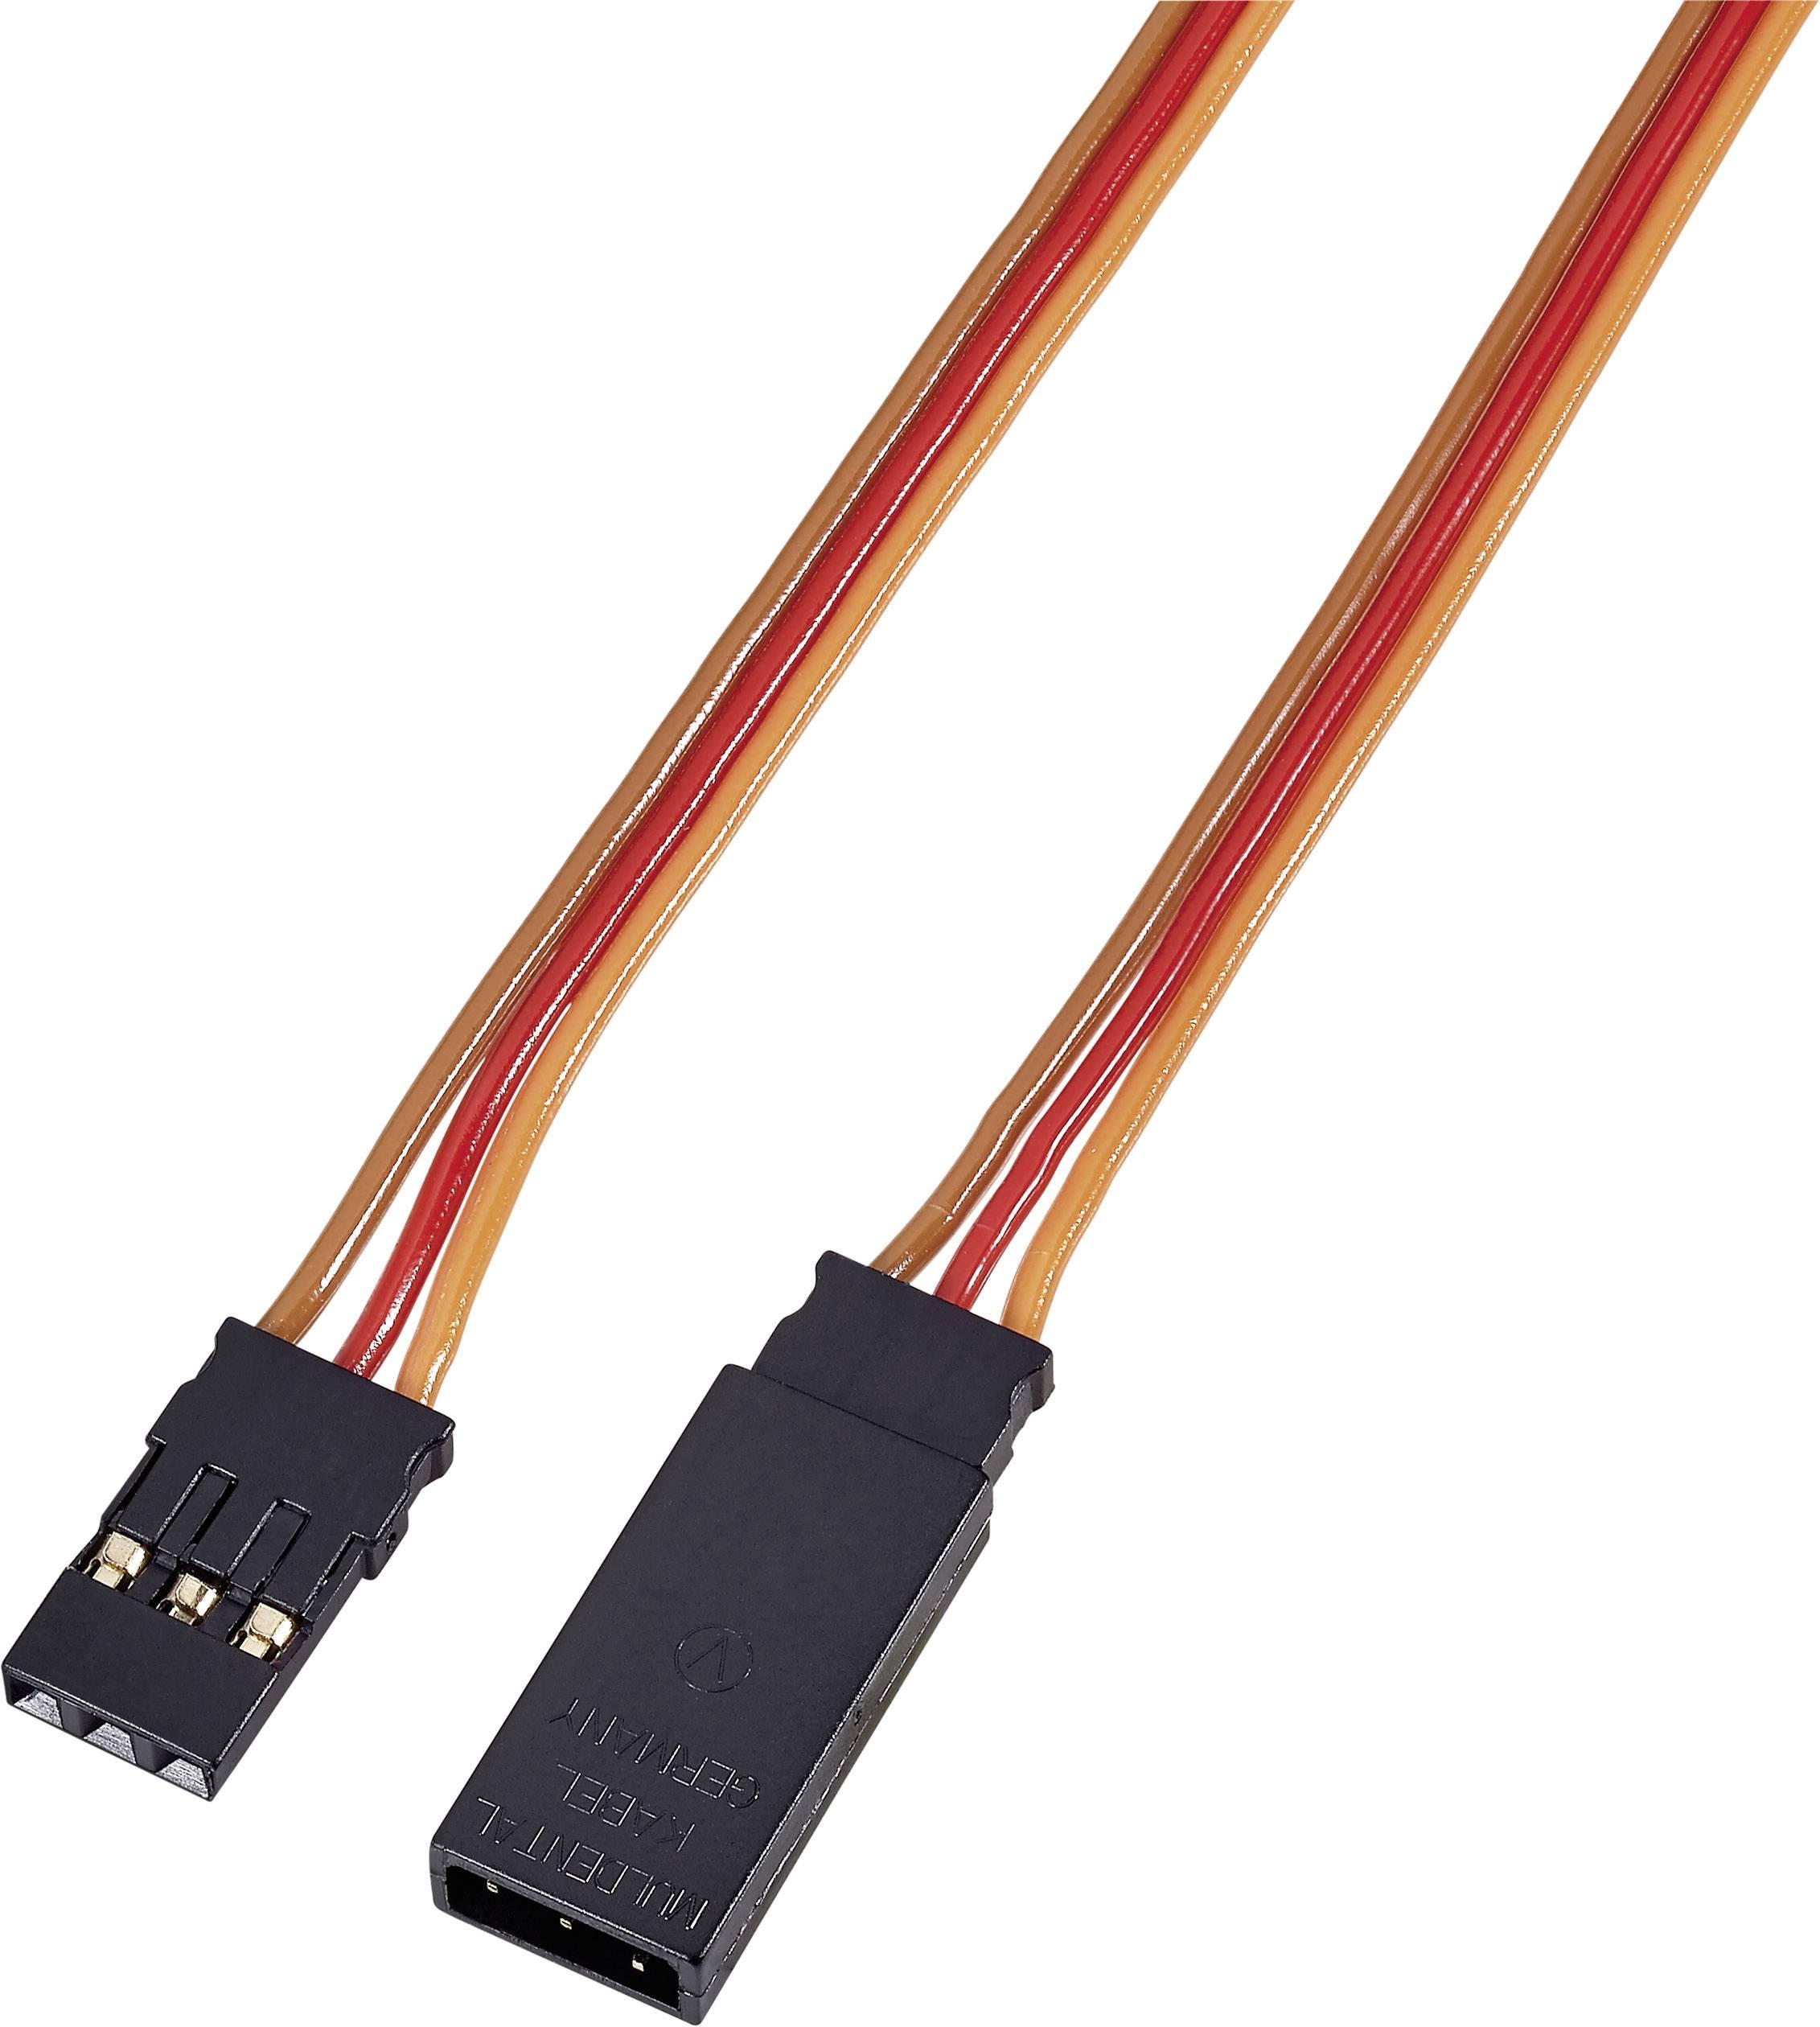 Prodlužovací kabel Modelcraft, konektor JR, 25 cm, 0,14 mm²